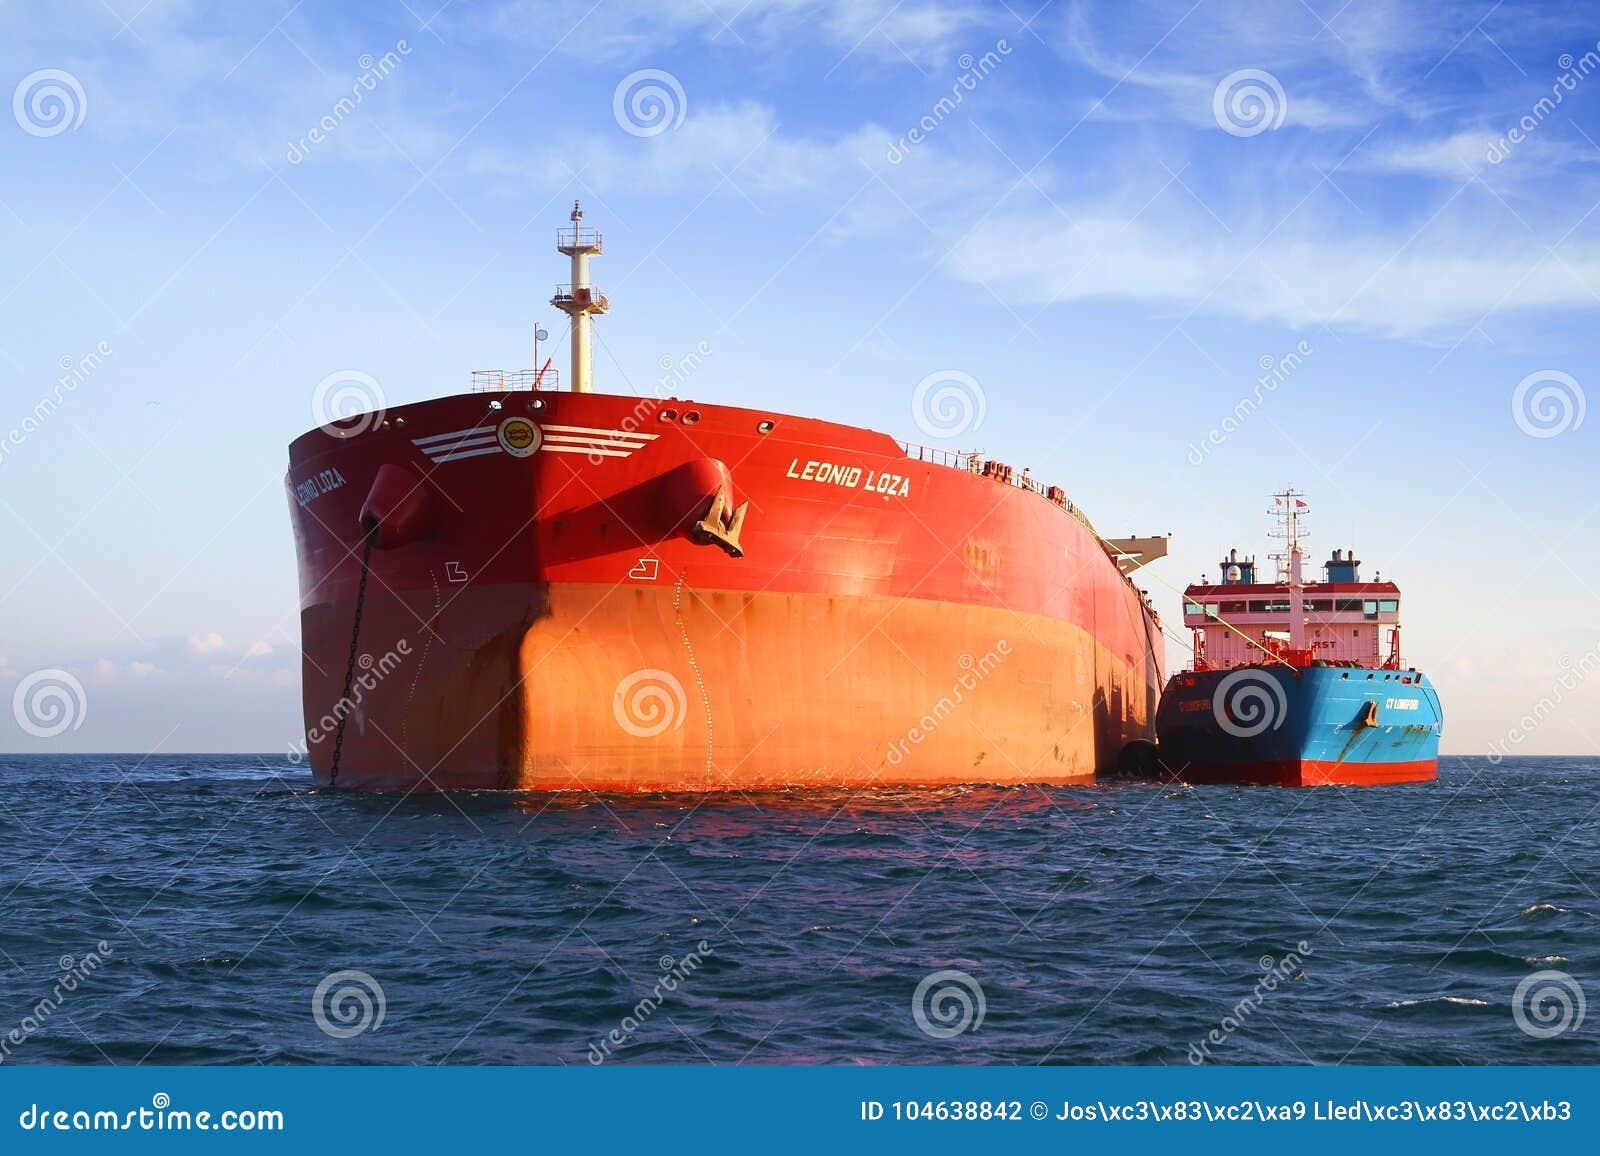 Download De Boogmening Van Bulk-carrierschip Leonid Loza Verankerde In Algeciras Baai In Spanje Redactionele Fotografie - Afbeelding bestaande uit boot, brandstof: 104638842